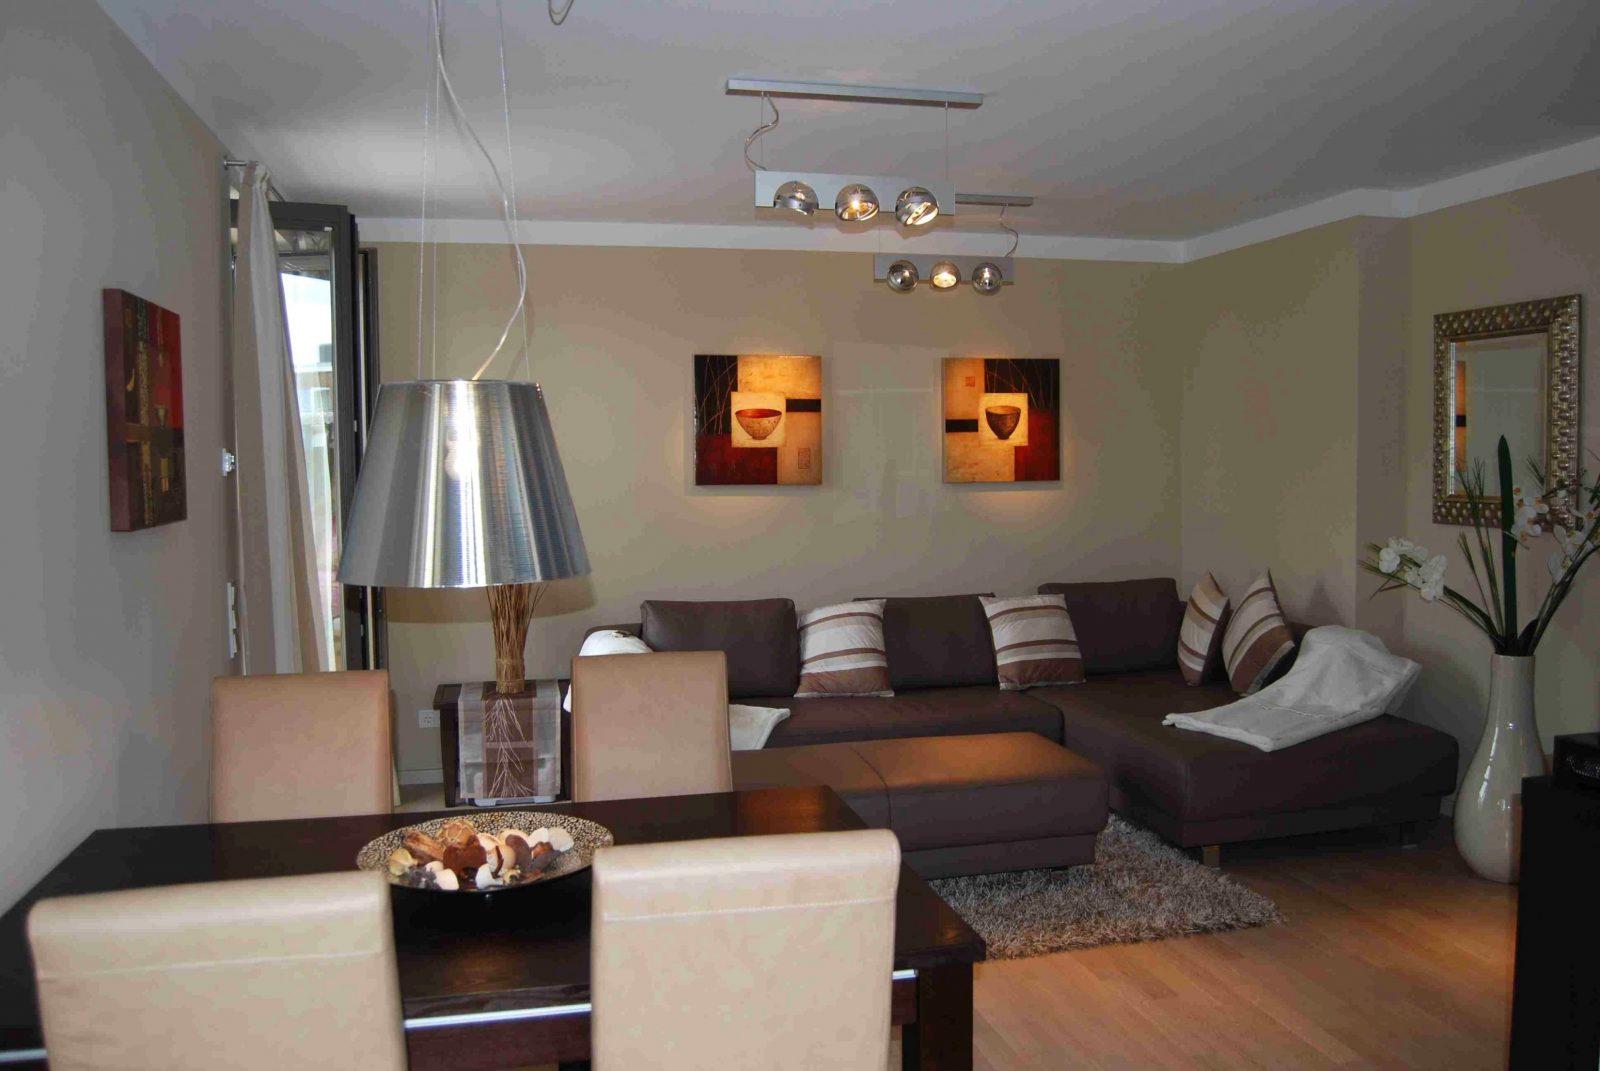 Kleines Wohnzimmer Mit Essbereich Einrichten  Ideen Zum Streichen von Kleines Wohnzimmer Mit Essbereich Einrichten Bild